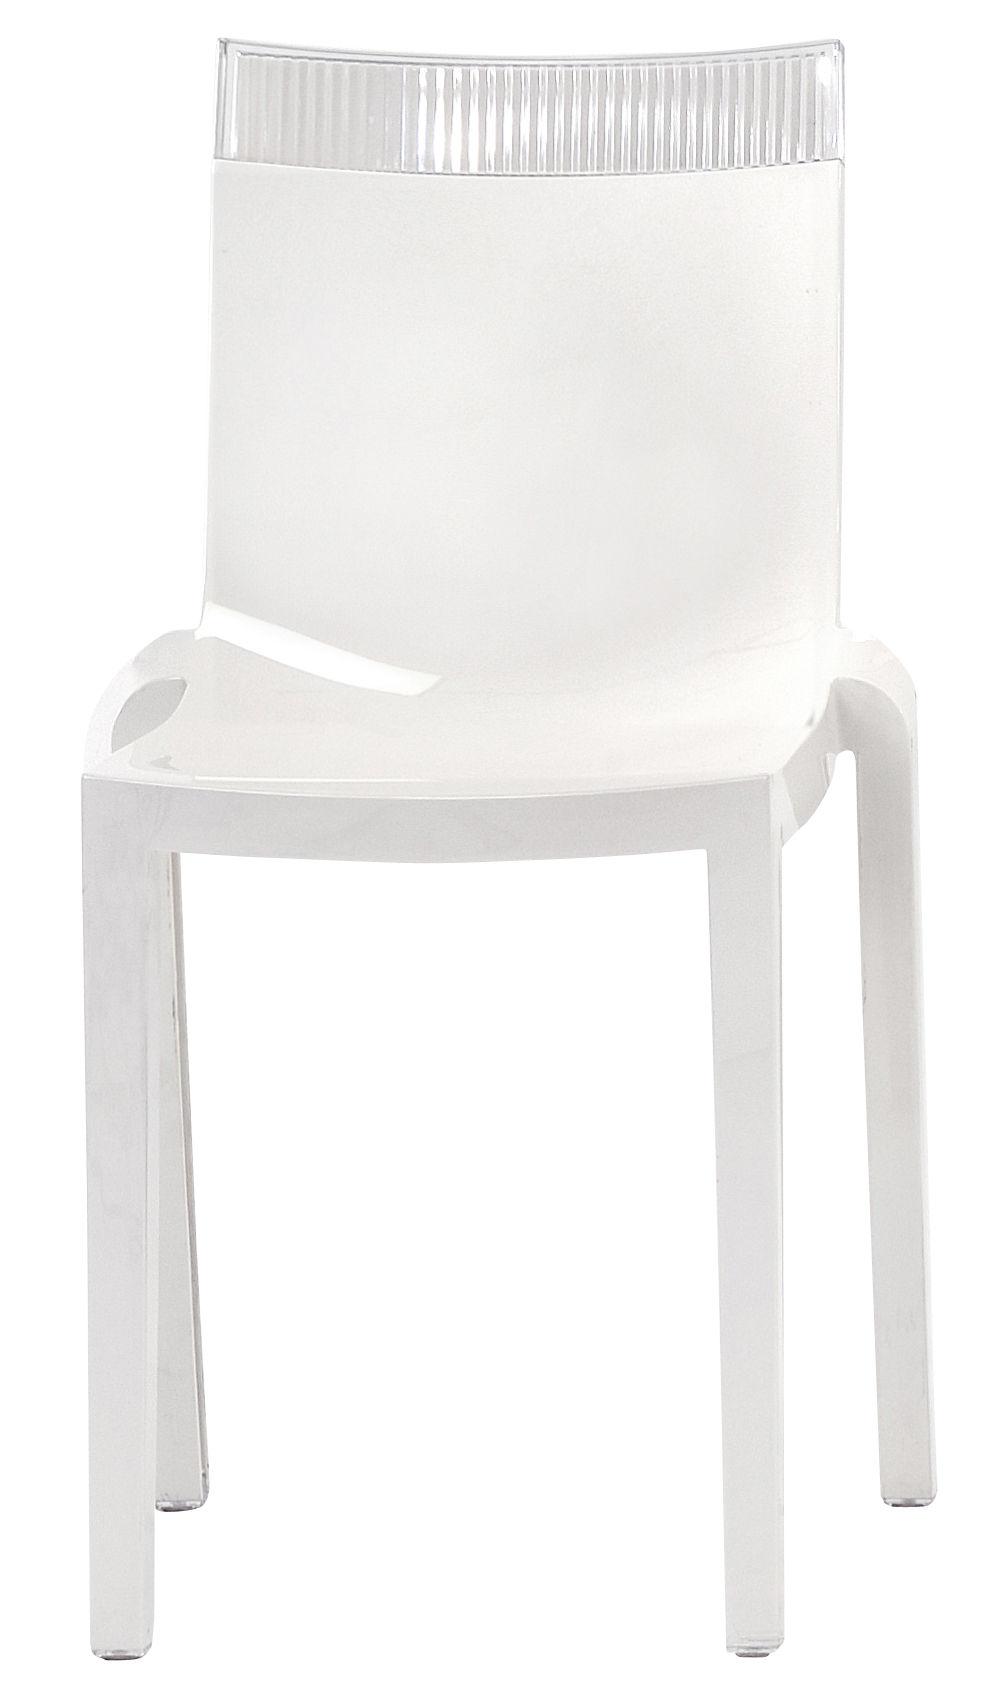 Scopri sedia hi cut struttura bianca laccata bianco - Sedia trasparente kartell ...